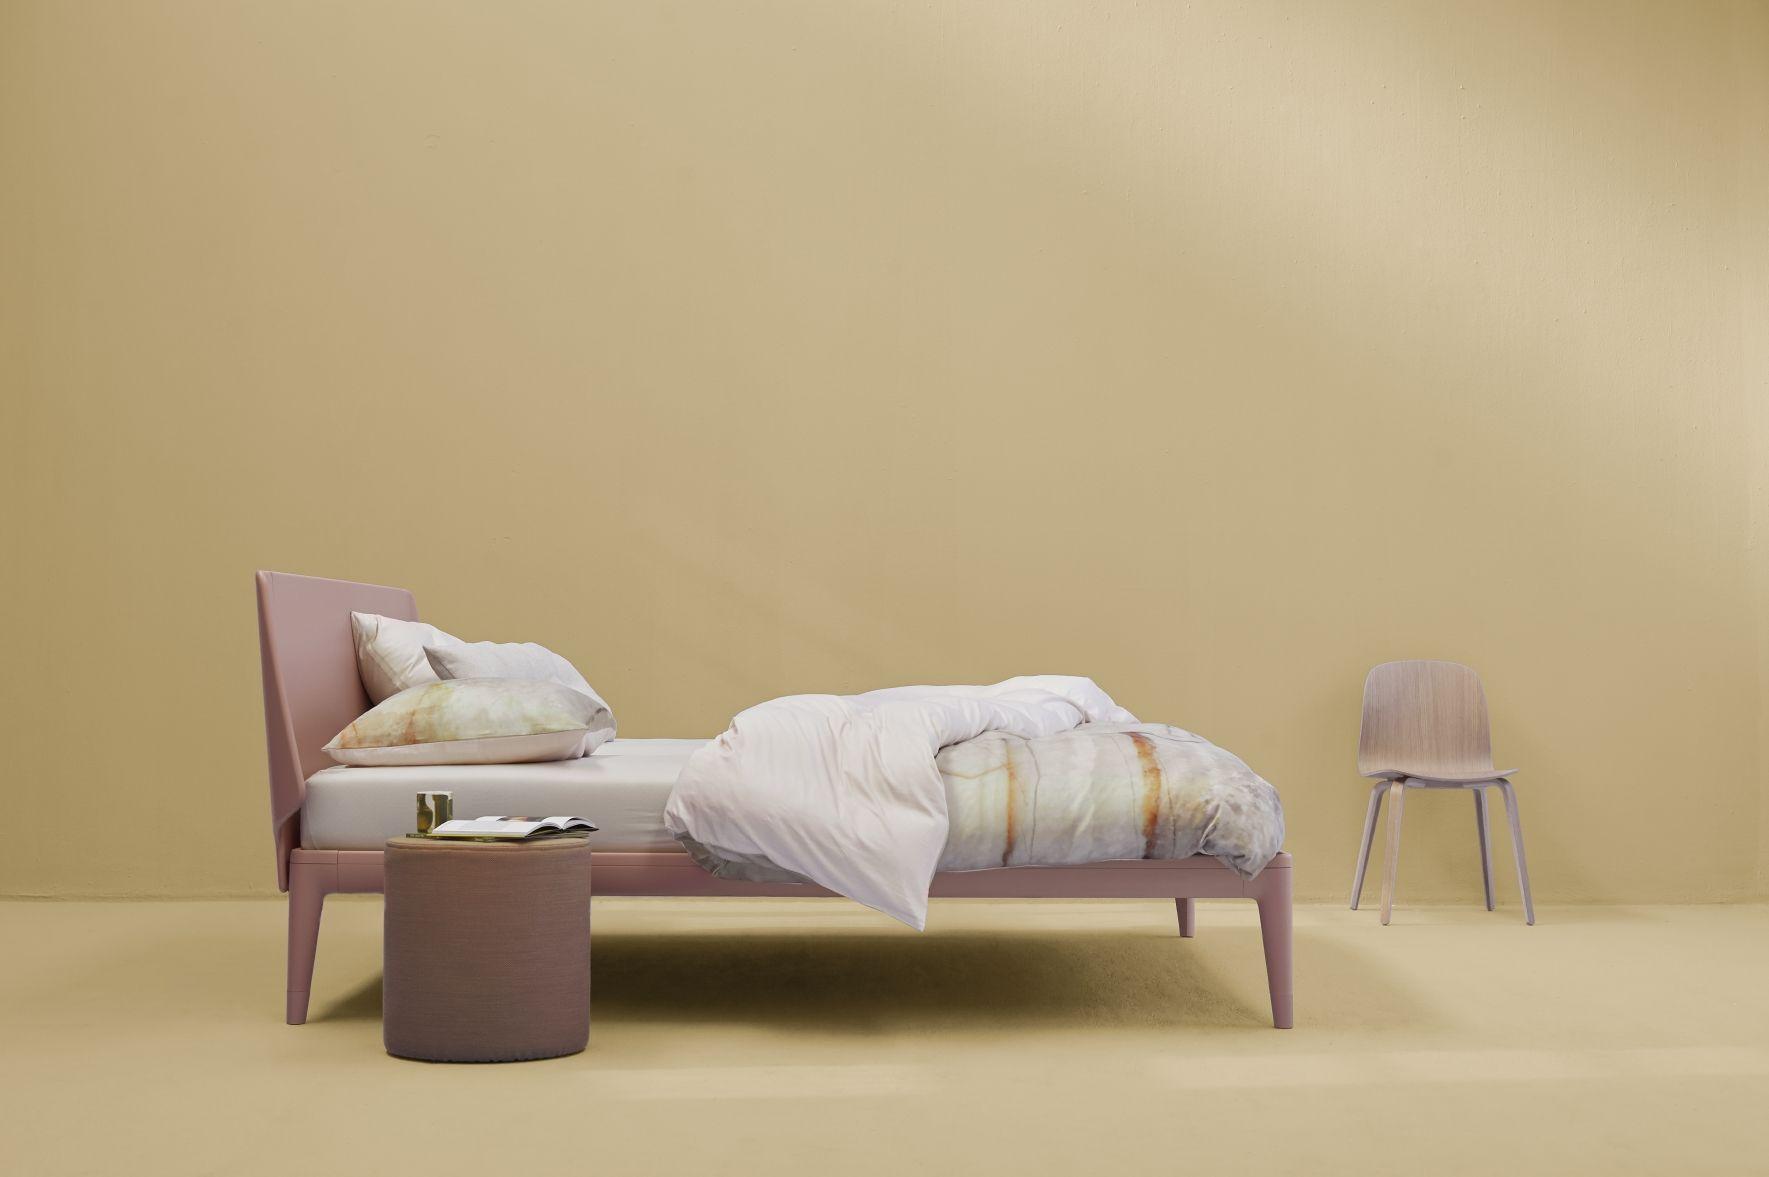 Auping Bett Essential Preisgekront Mit Dem If Design Award Und Dem